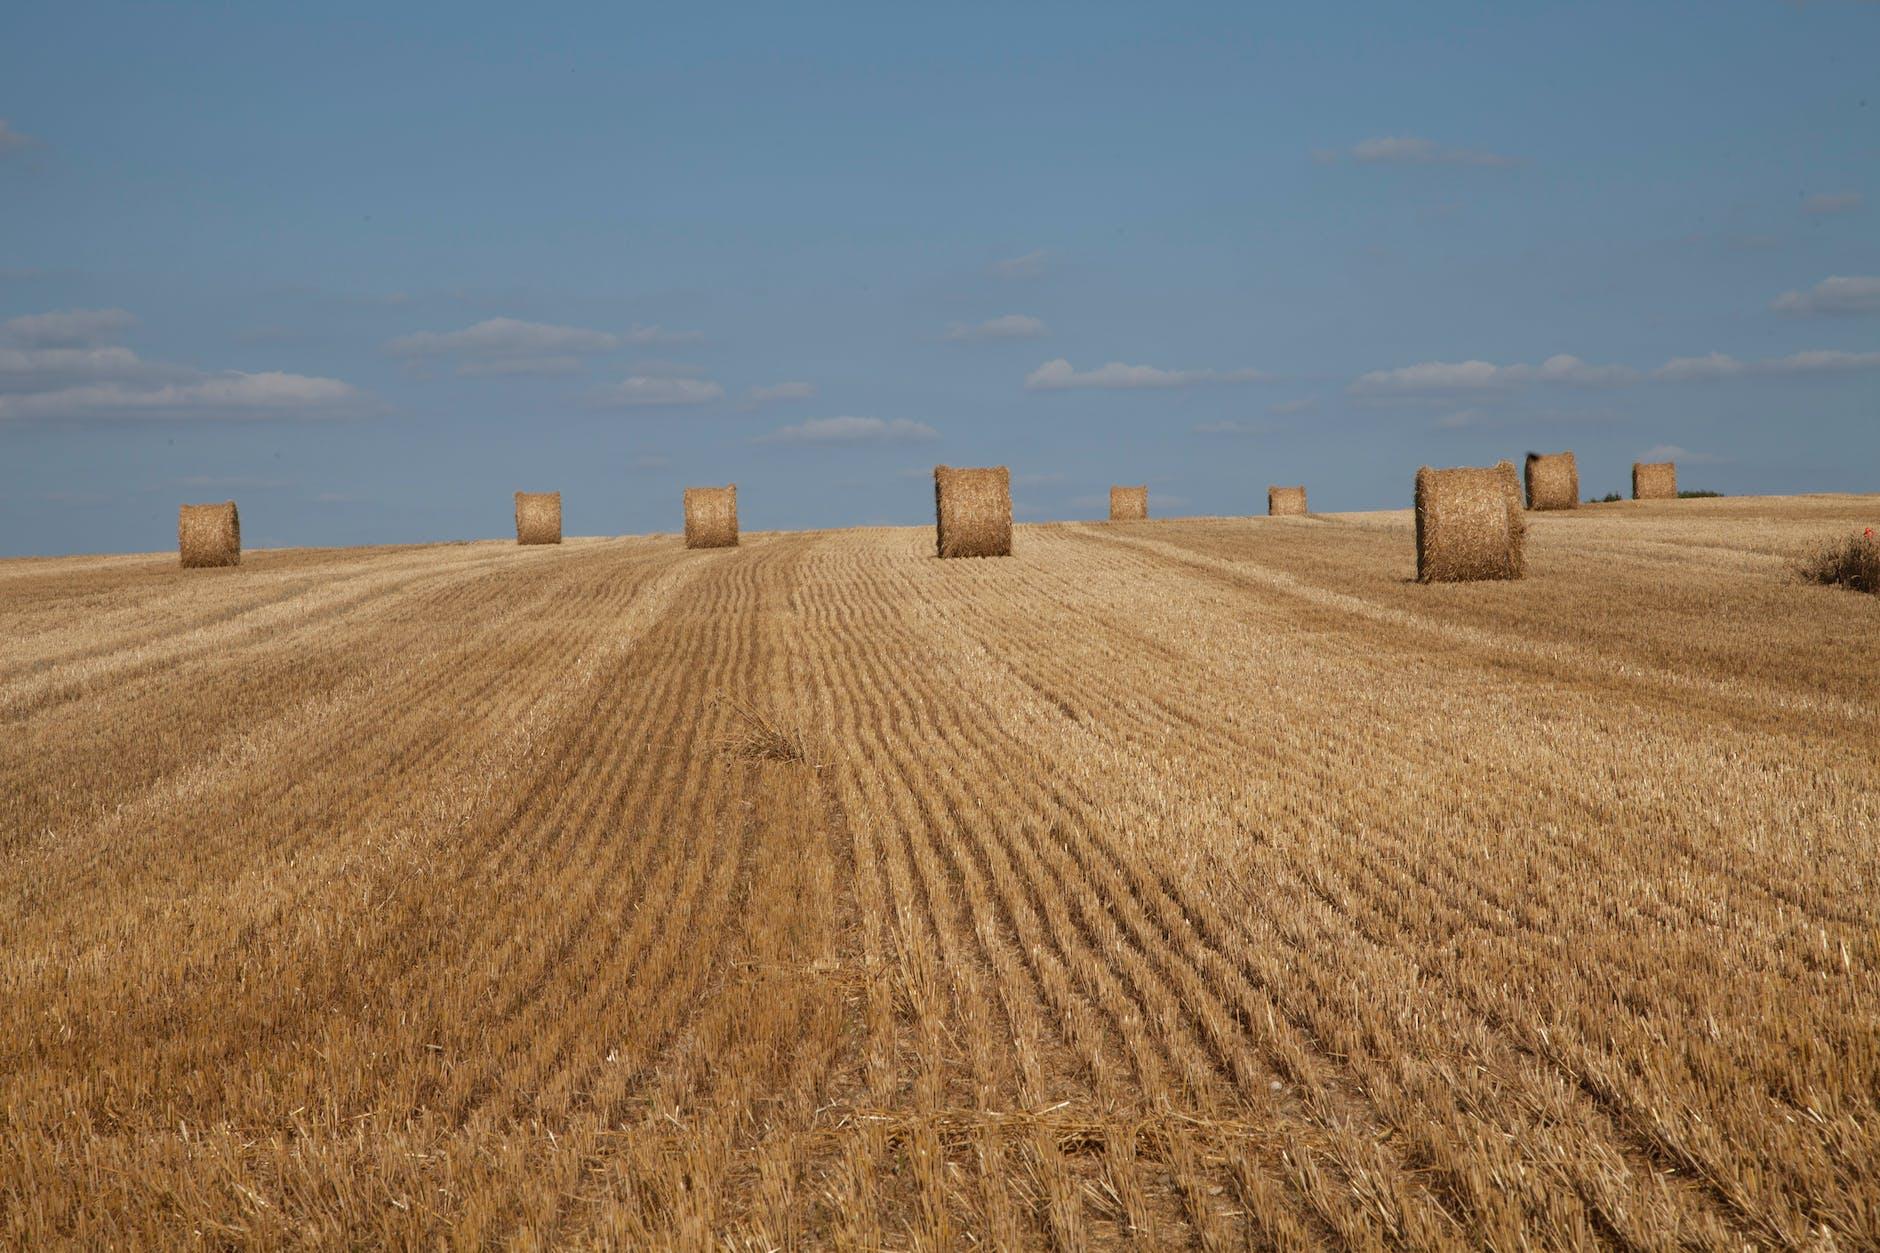 фото камни на сельскохозяйственных полях эстонии очень странным то